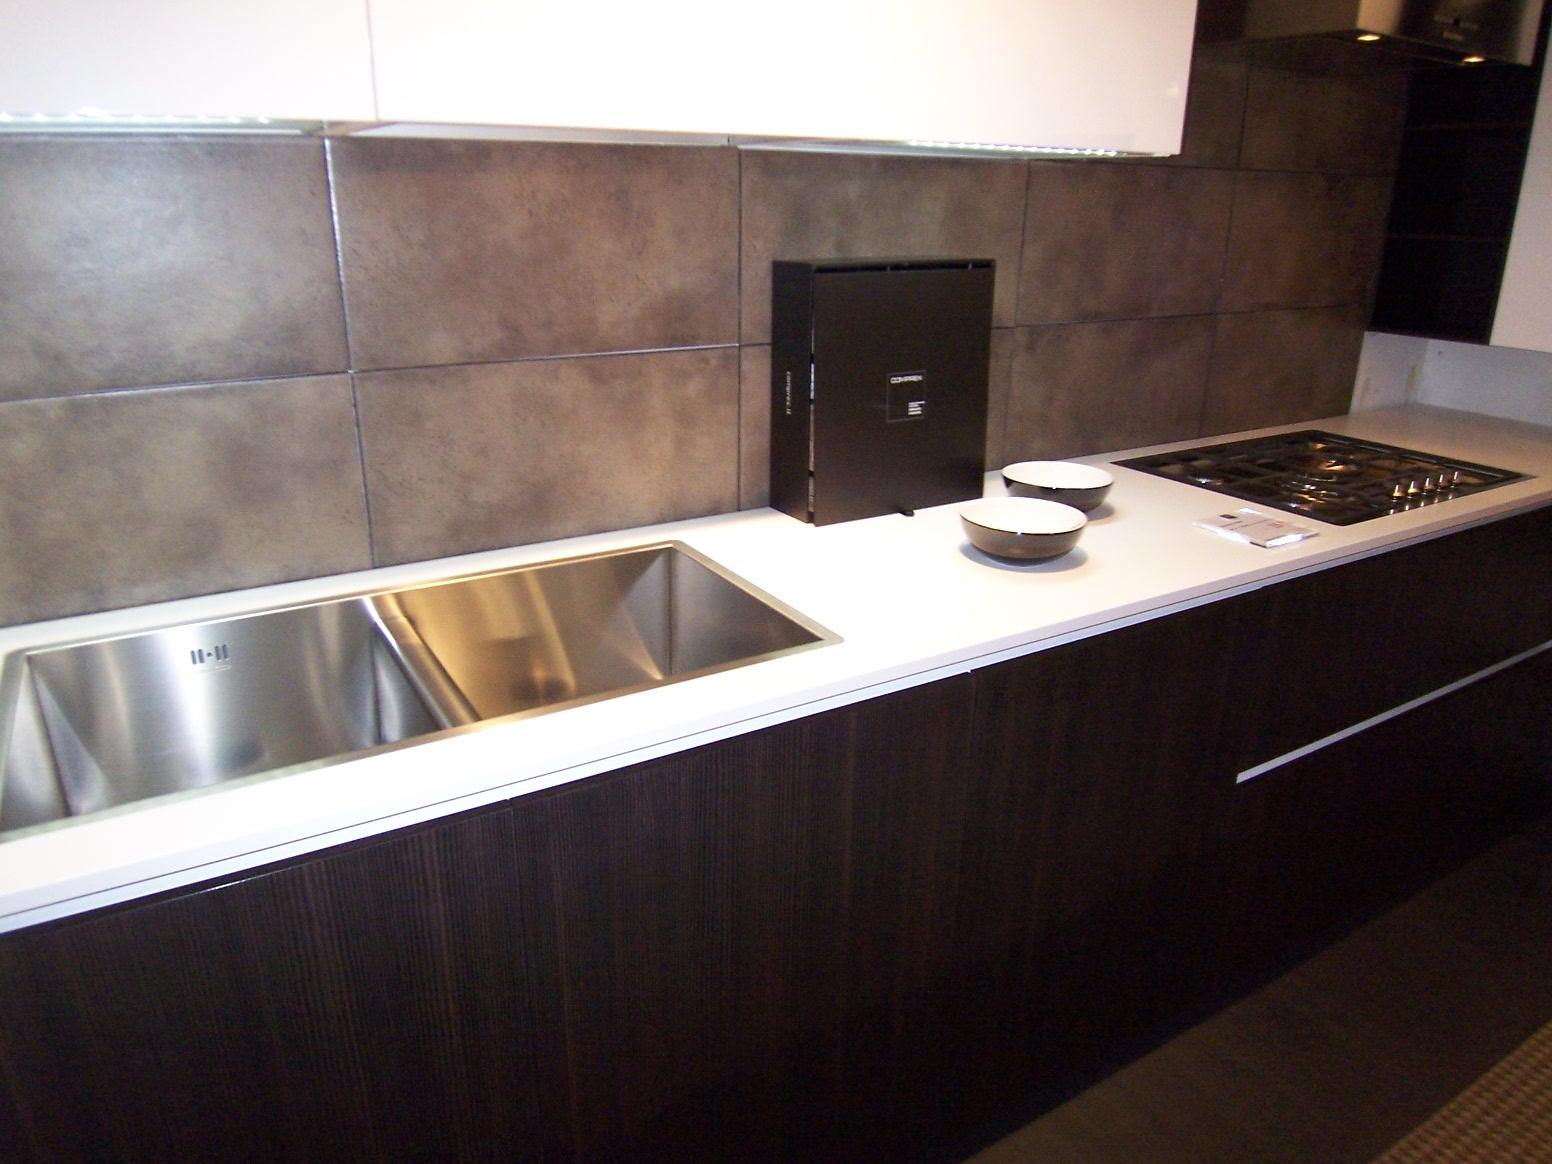 Cucina componibile in offerta comprex modello forma 19962 - Cucina componibile prezzi ...